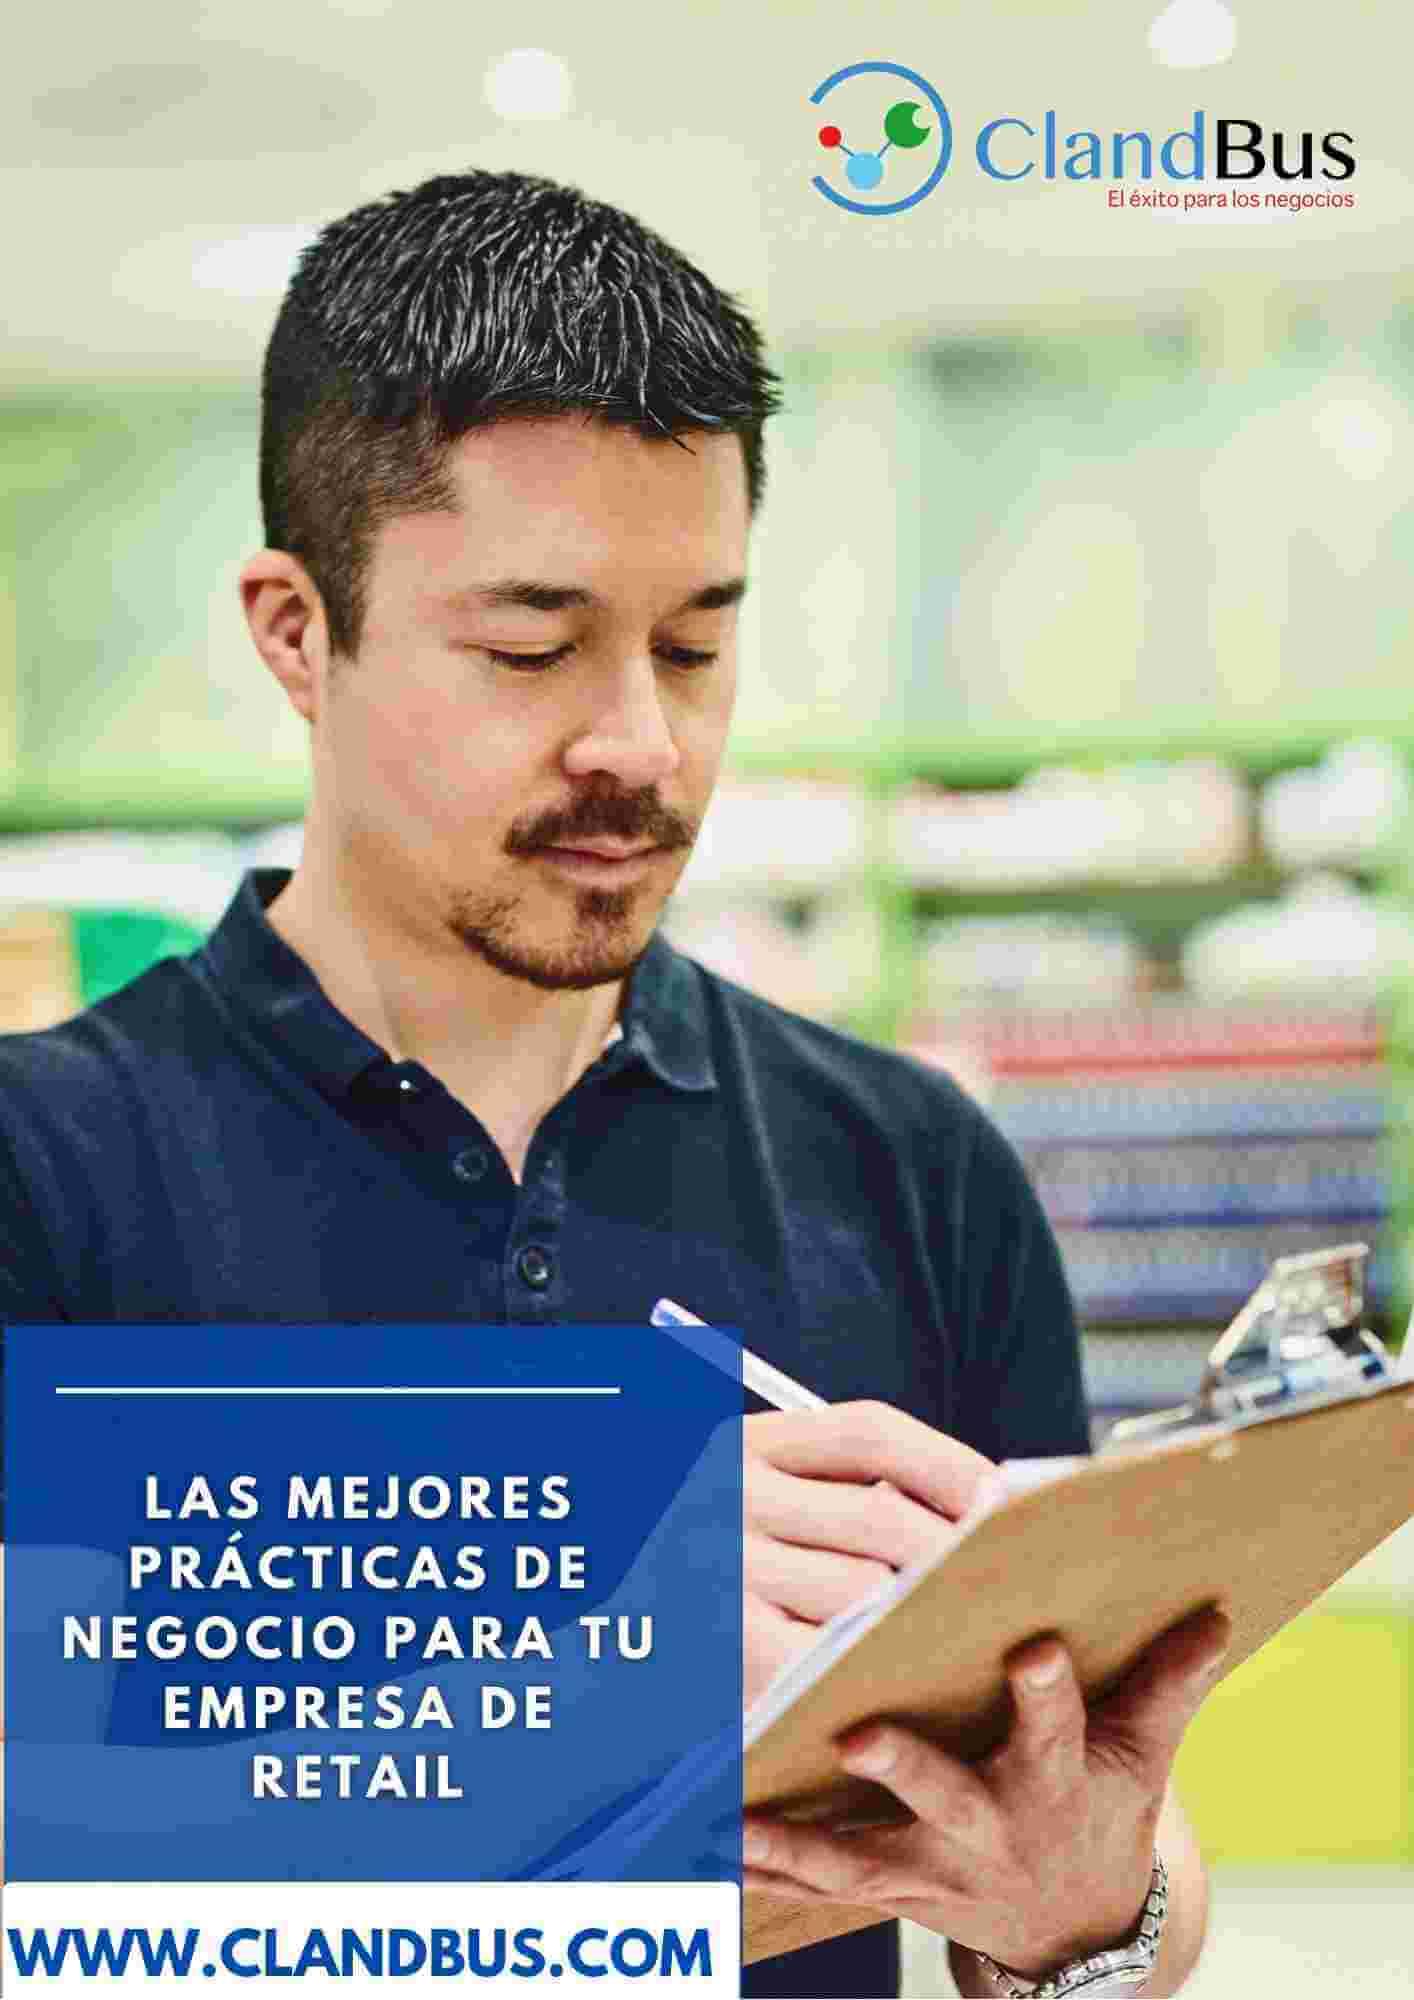 E-book ERP- Las mejores prácticas de negocio para tu empresa de retail con la soporte de clandbus